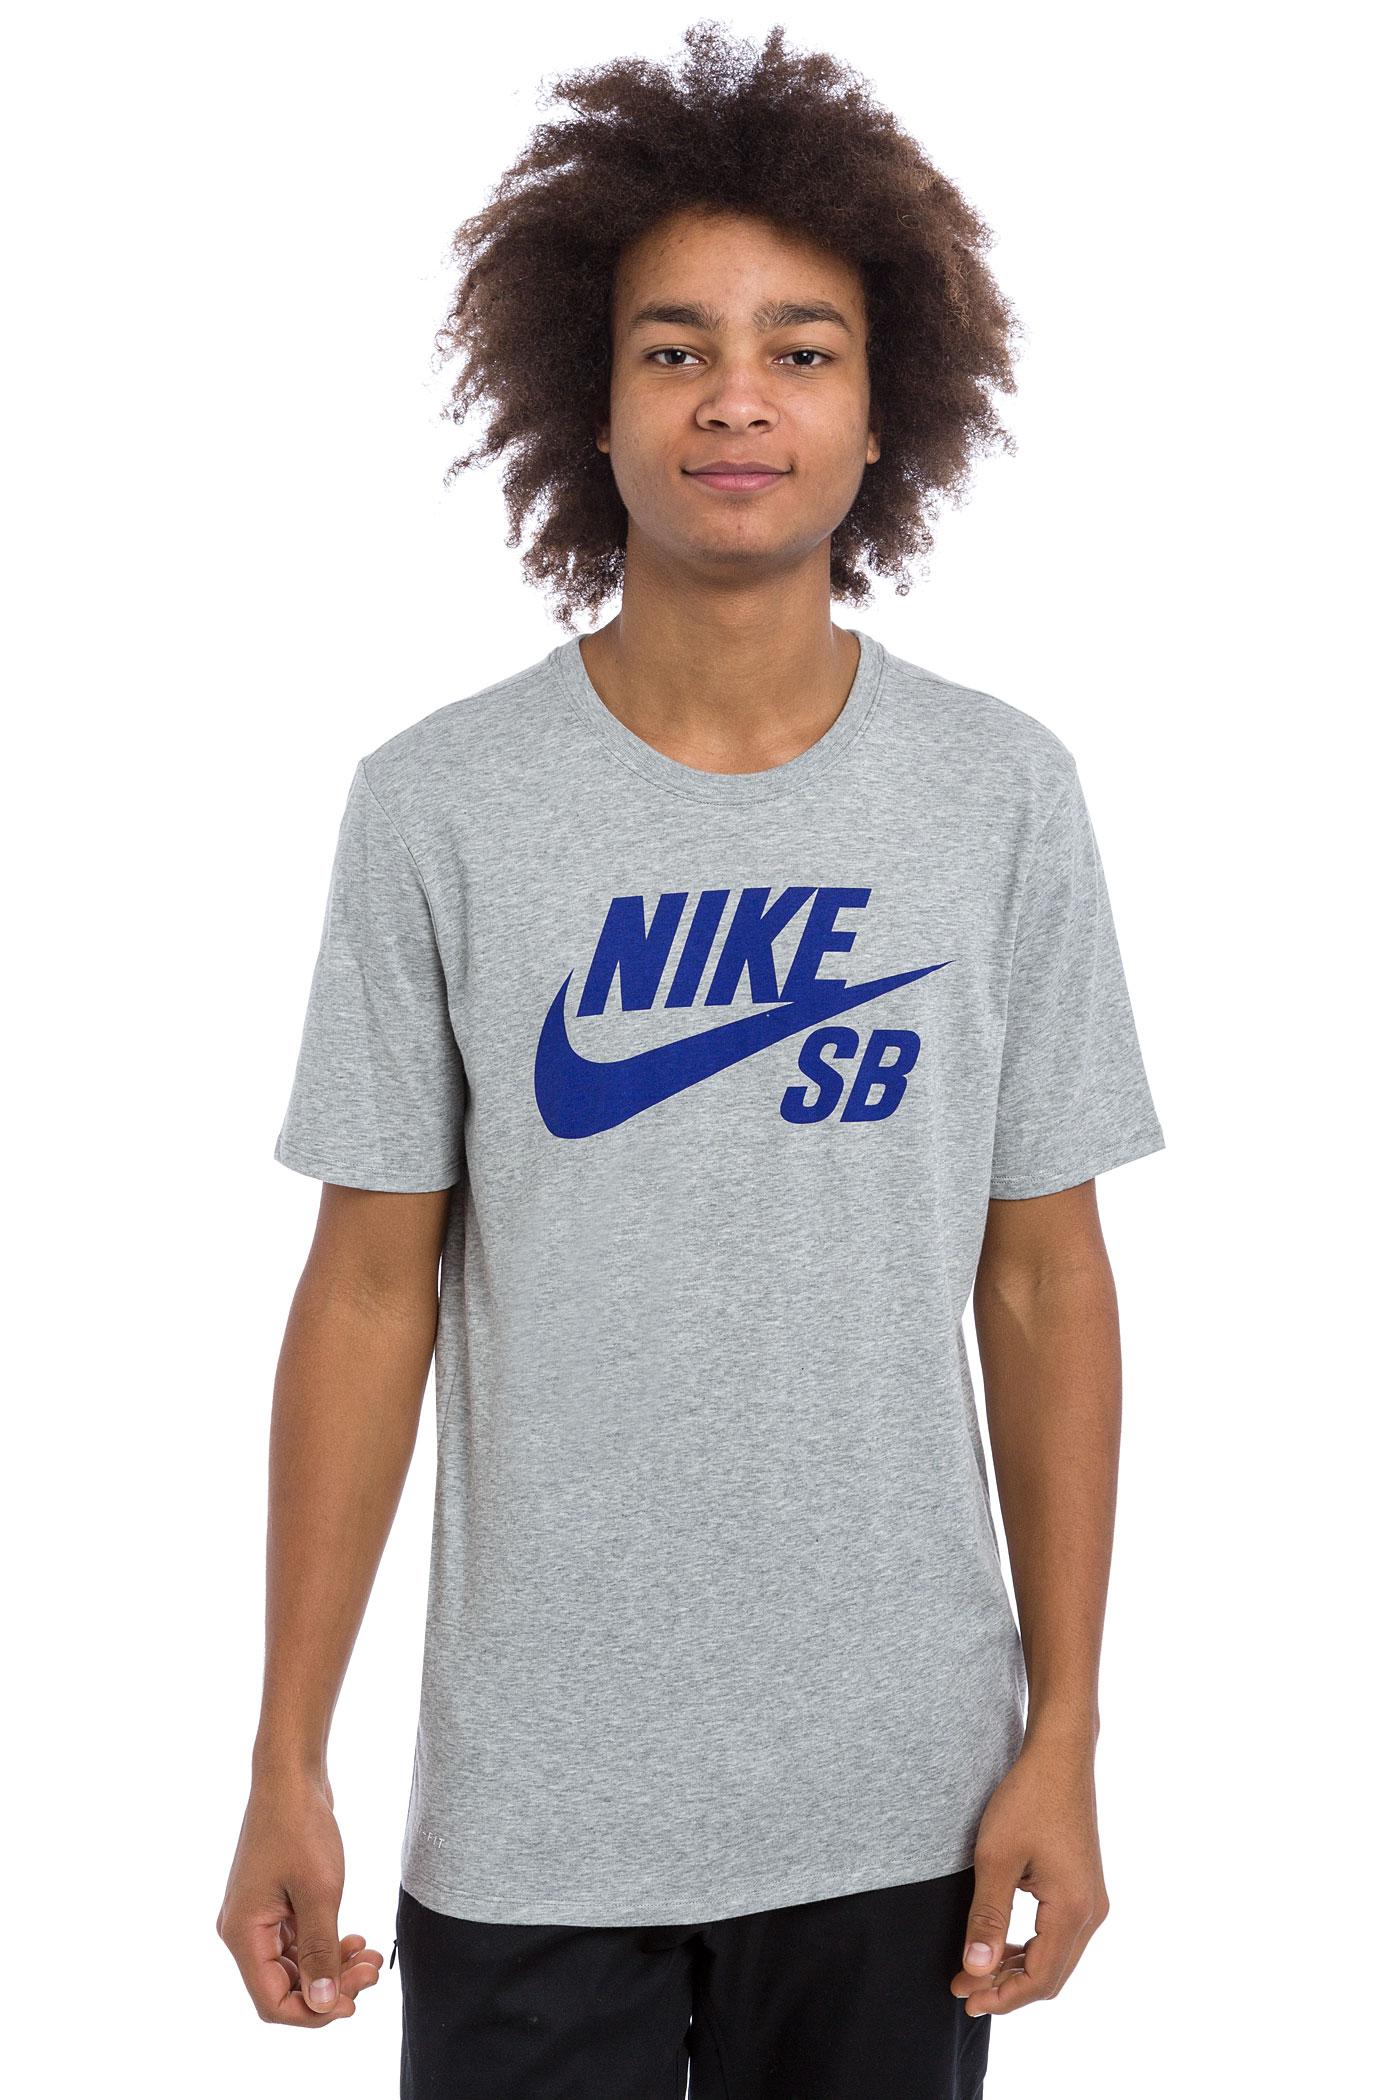 Nike sb logo t shirt dark grey heather deep night for Nike sb galaxy shirt